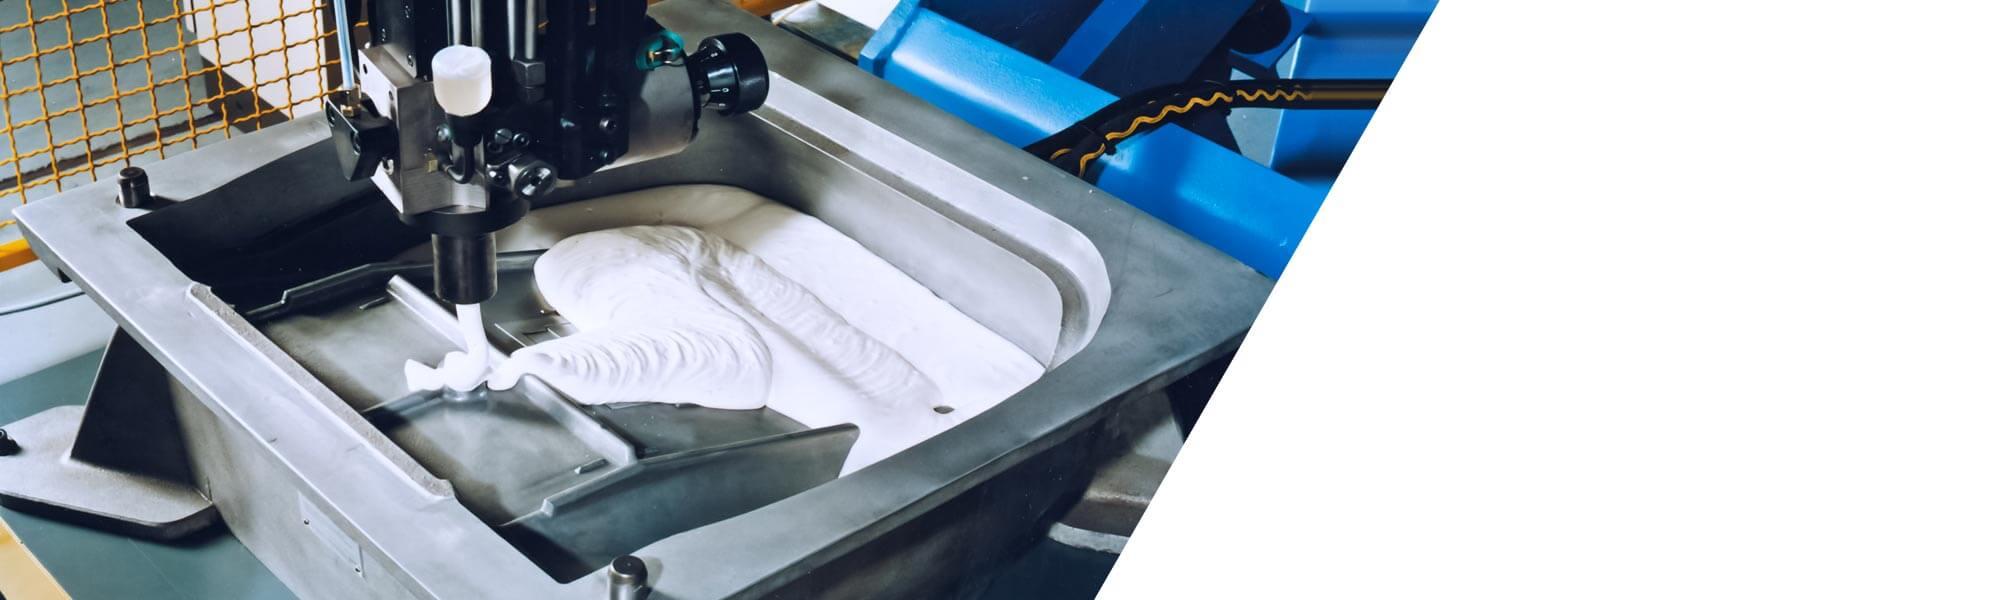 성형 발포 제품의 생산을 위한 모듈라 시스템